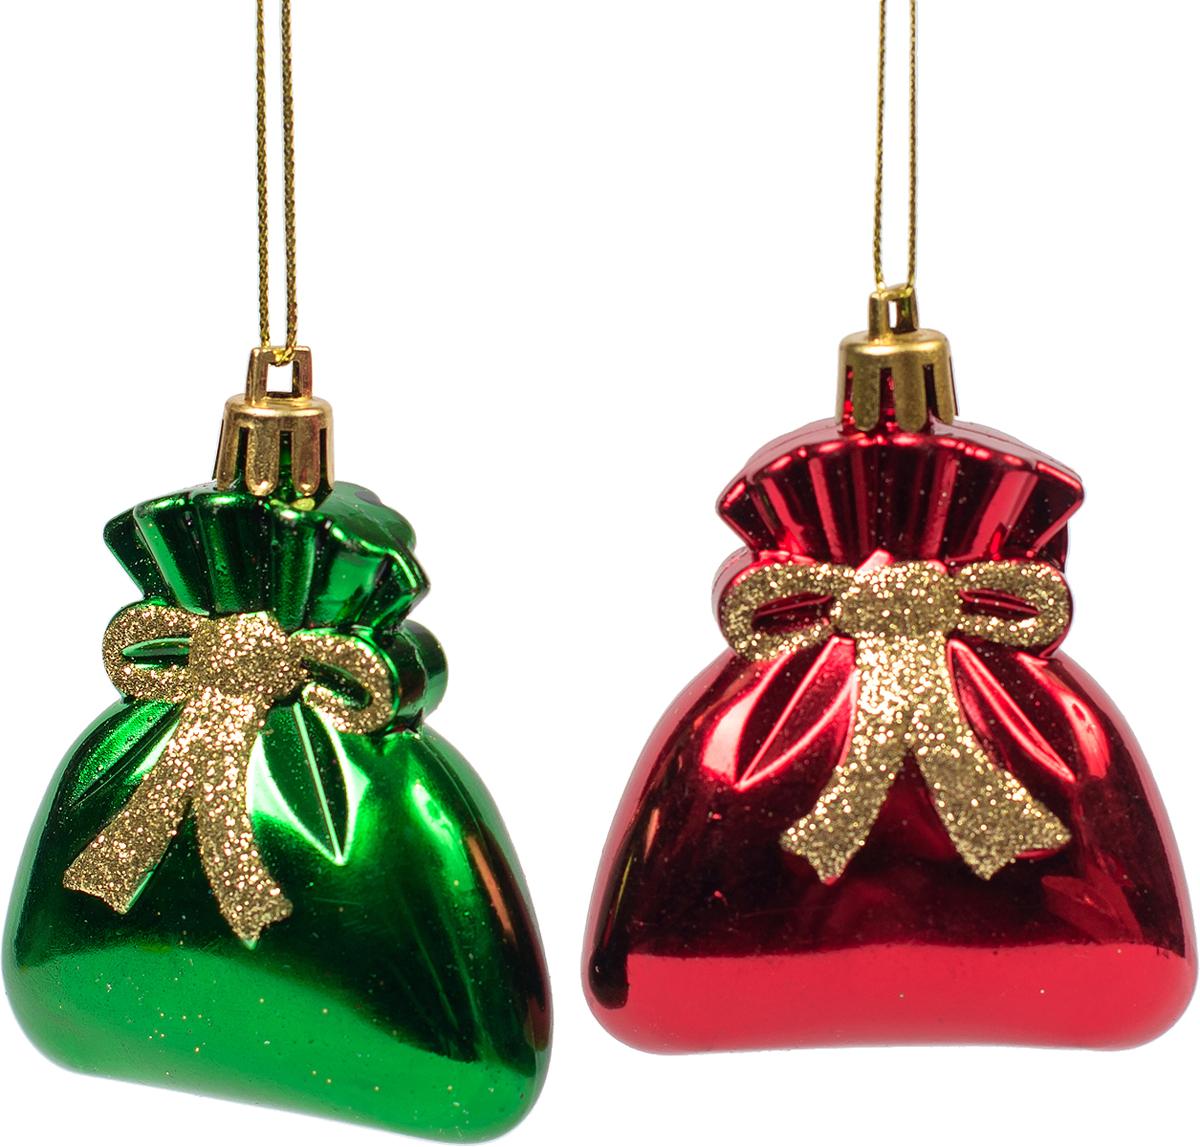 умиротворенной подарок на новый год картинки игрушки миску сырые